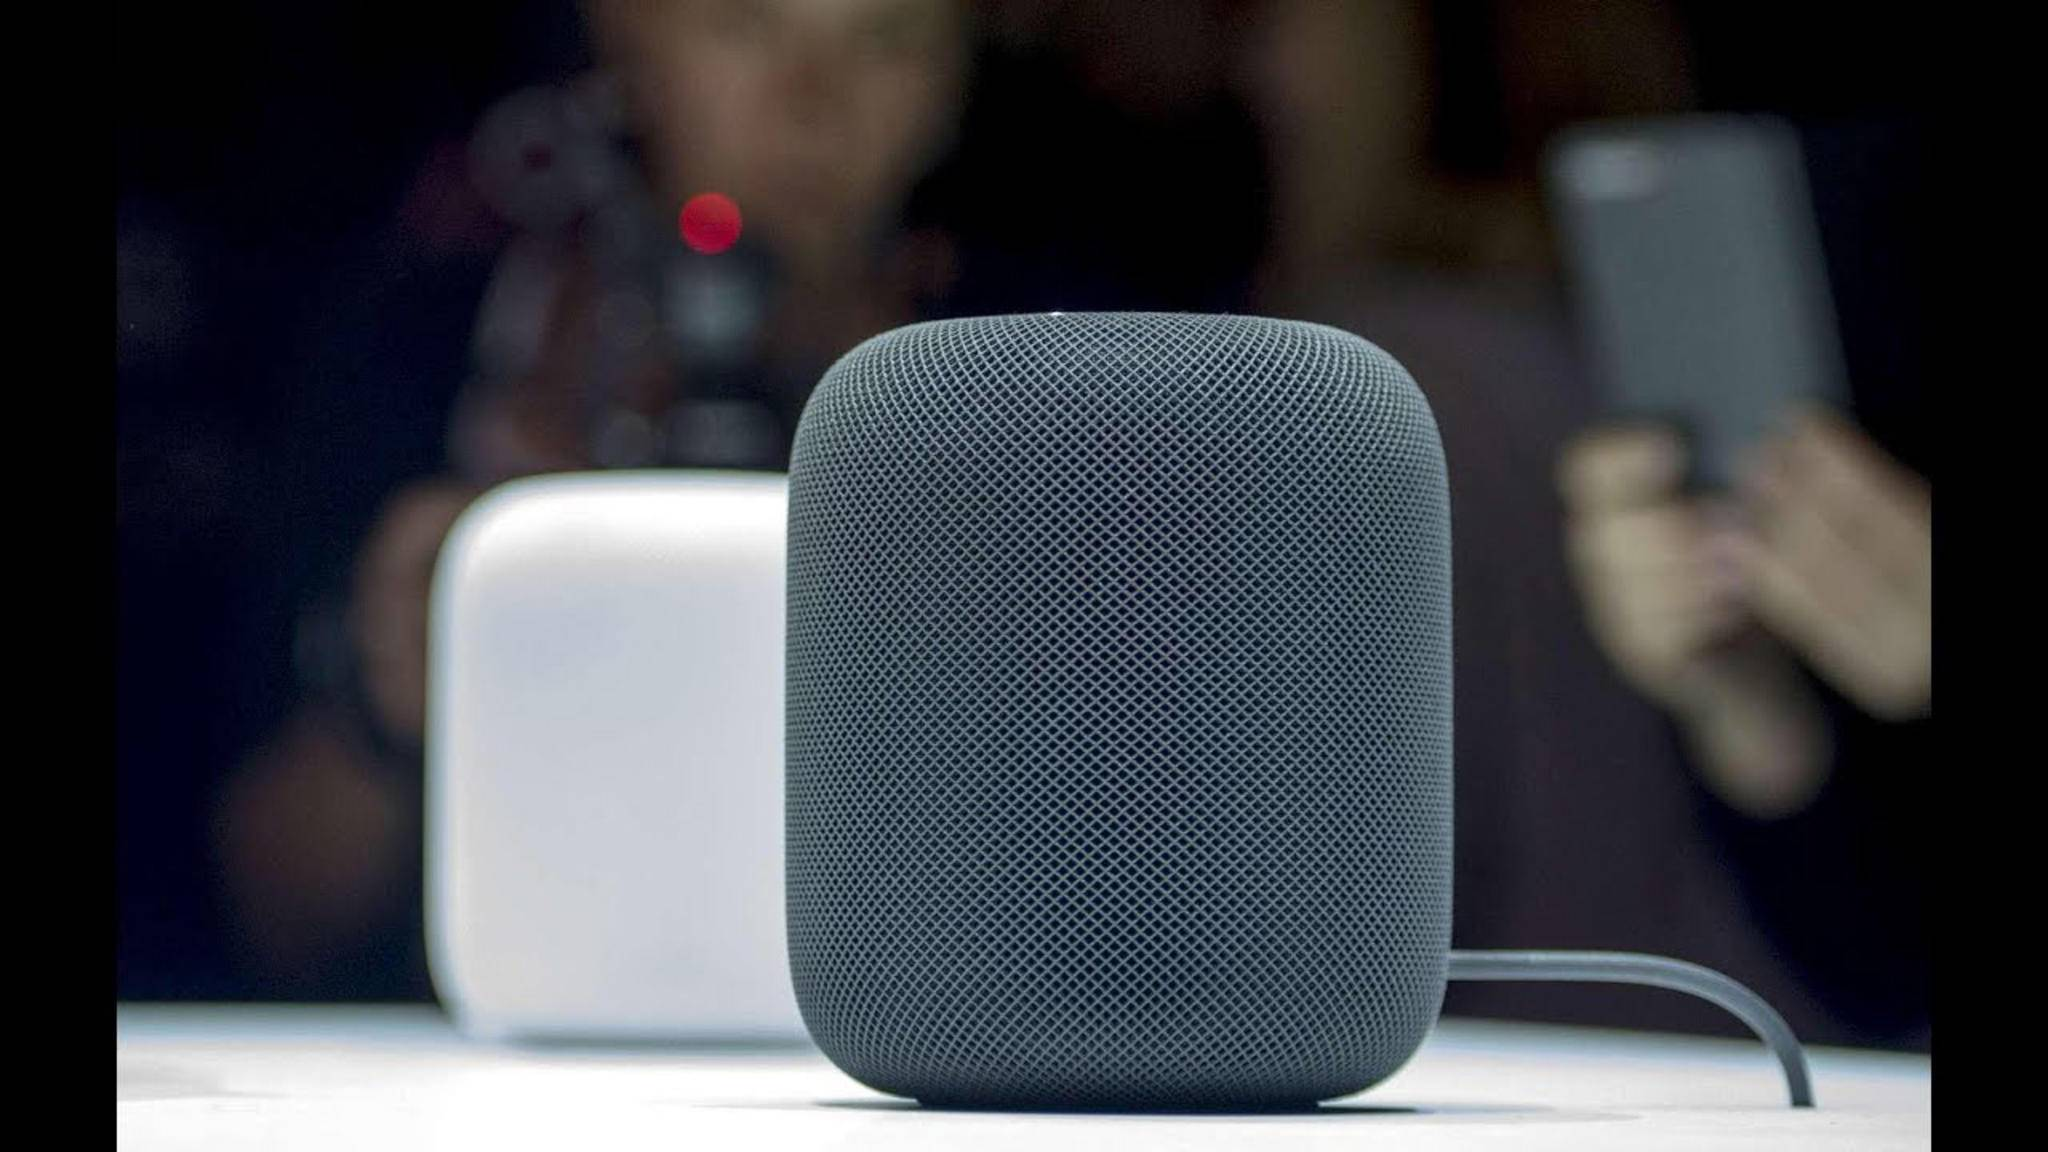 Zwei klingen besser als einer: Bislang warten HomePod-Käufer auf die Stereo-Kopplung zweier Lautsprecher vergebens.